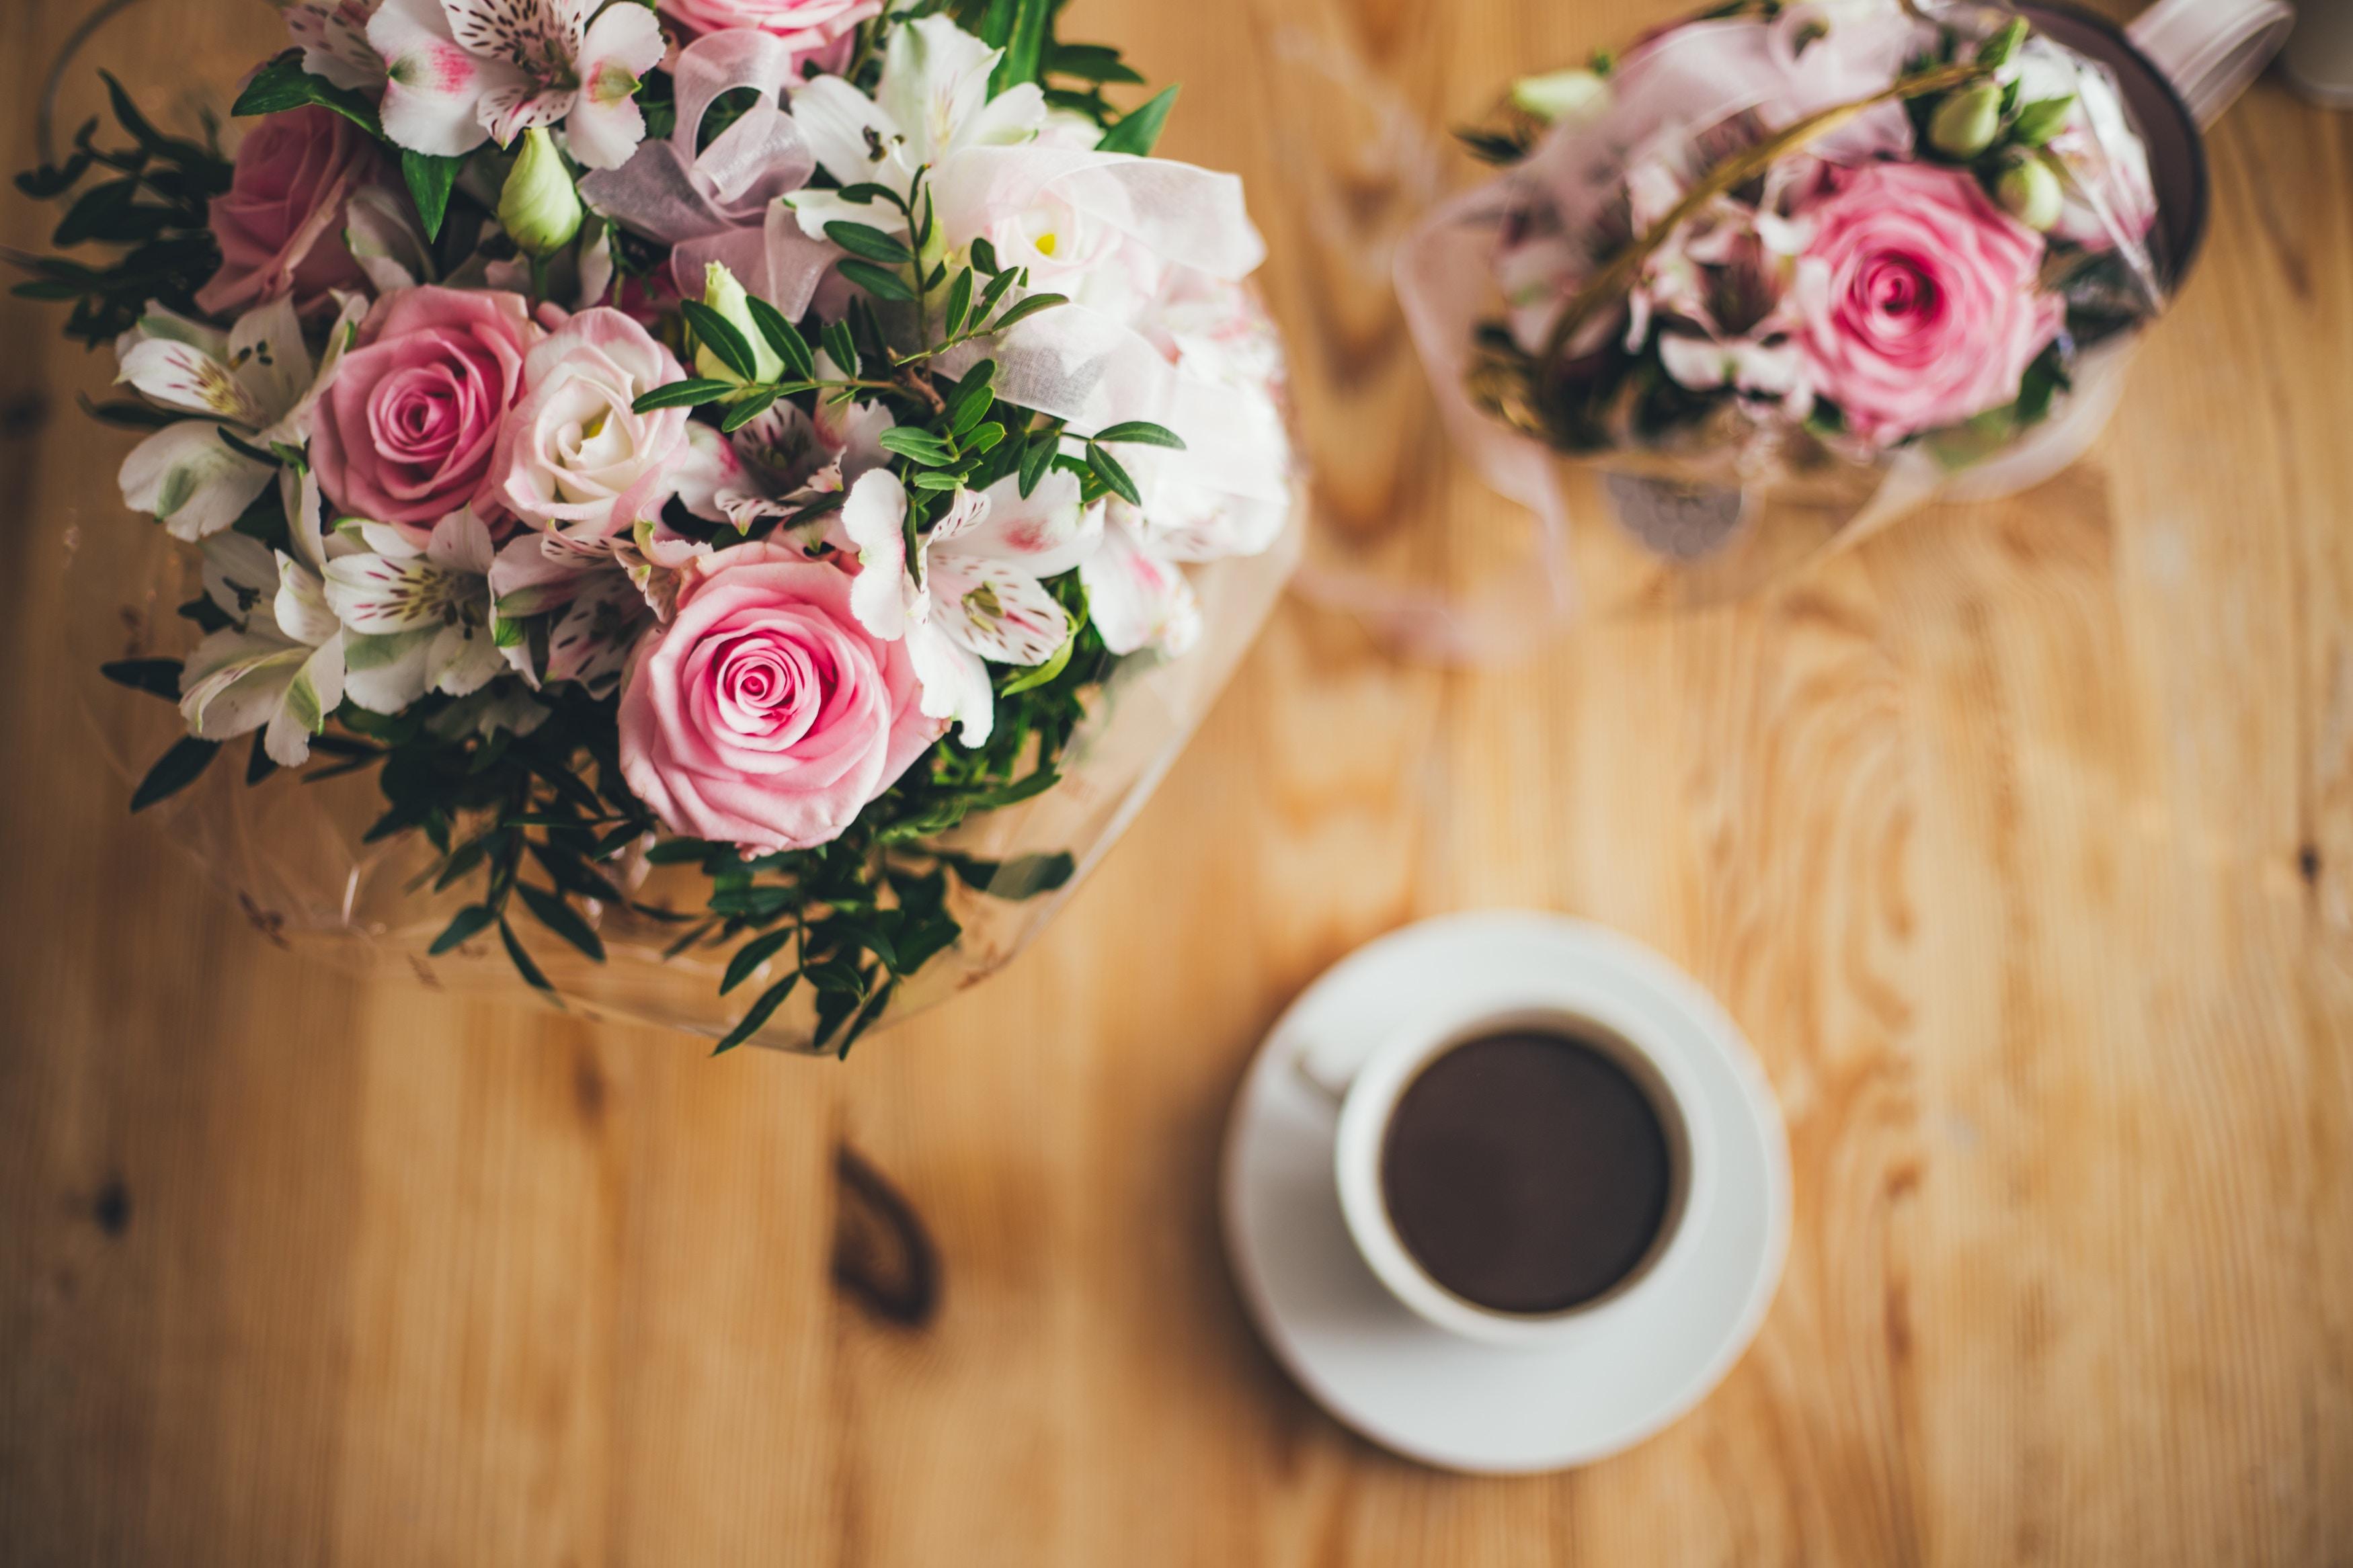 花束とコーヒーカップ